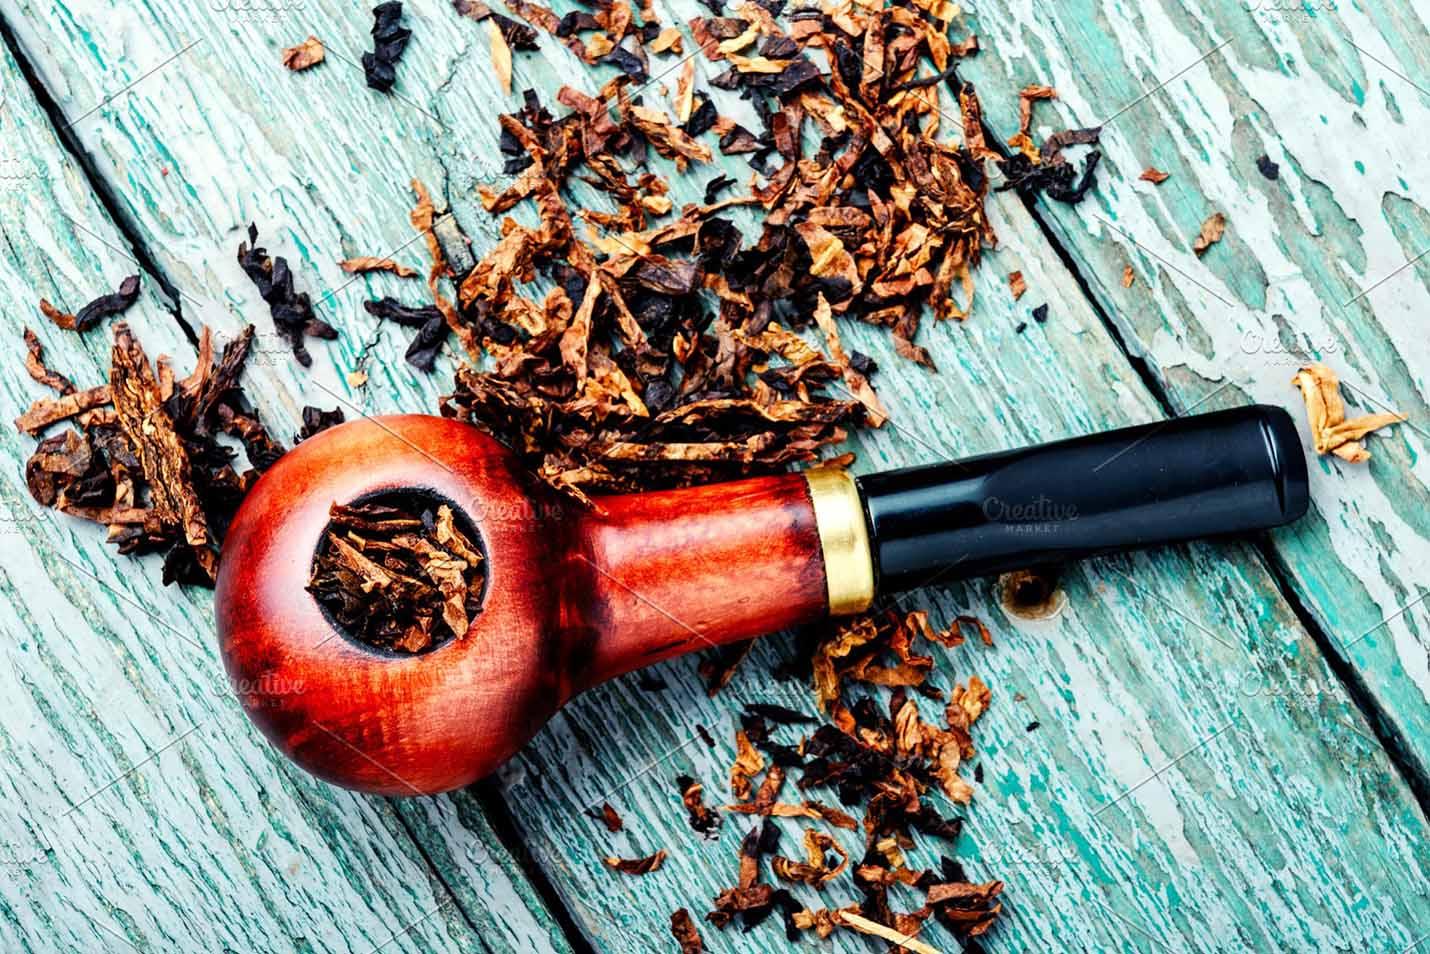 Pipe Tobacco market